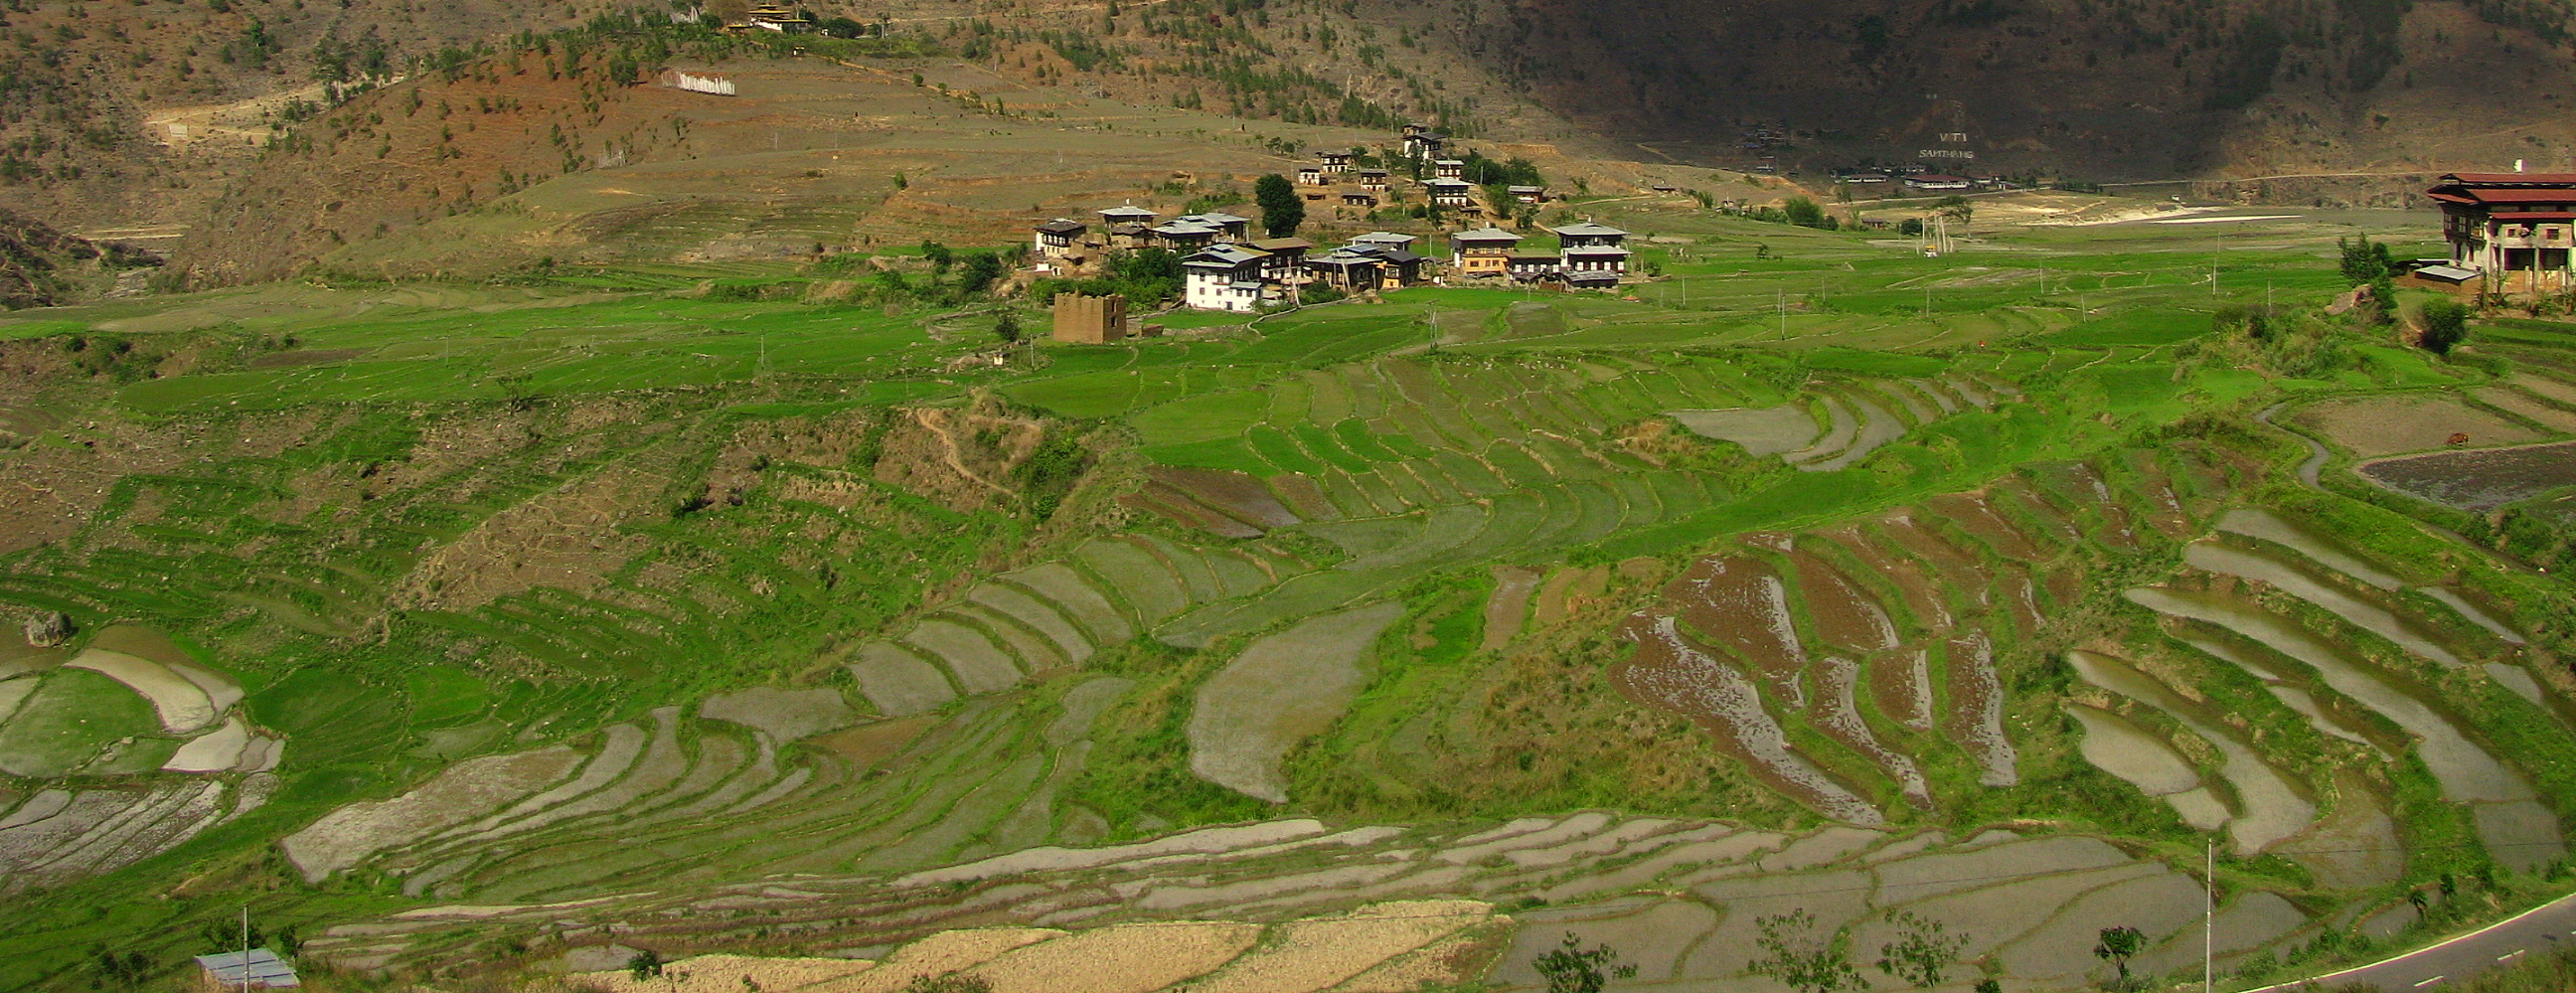 Yemen Natural Resources